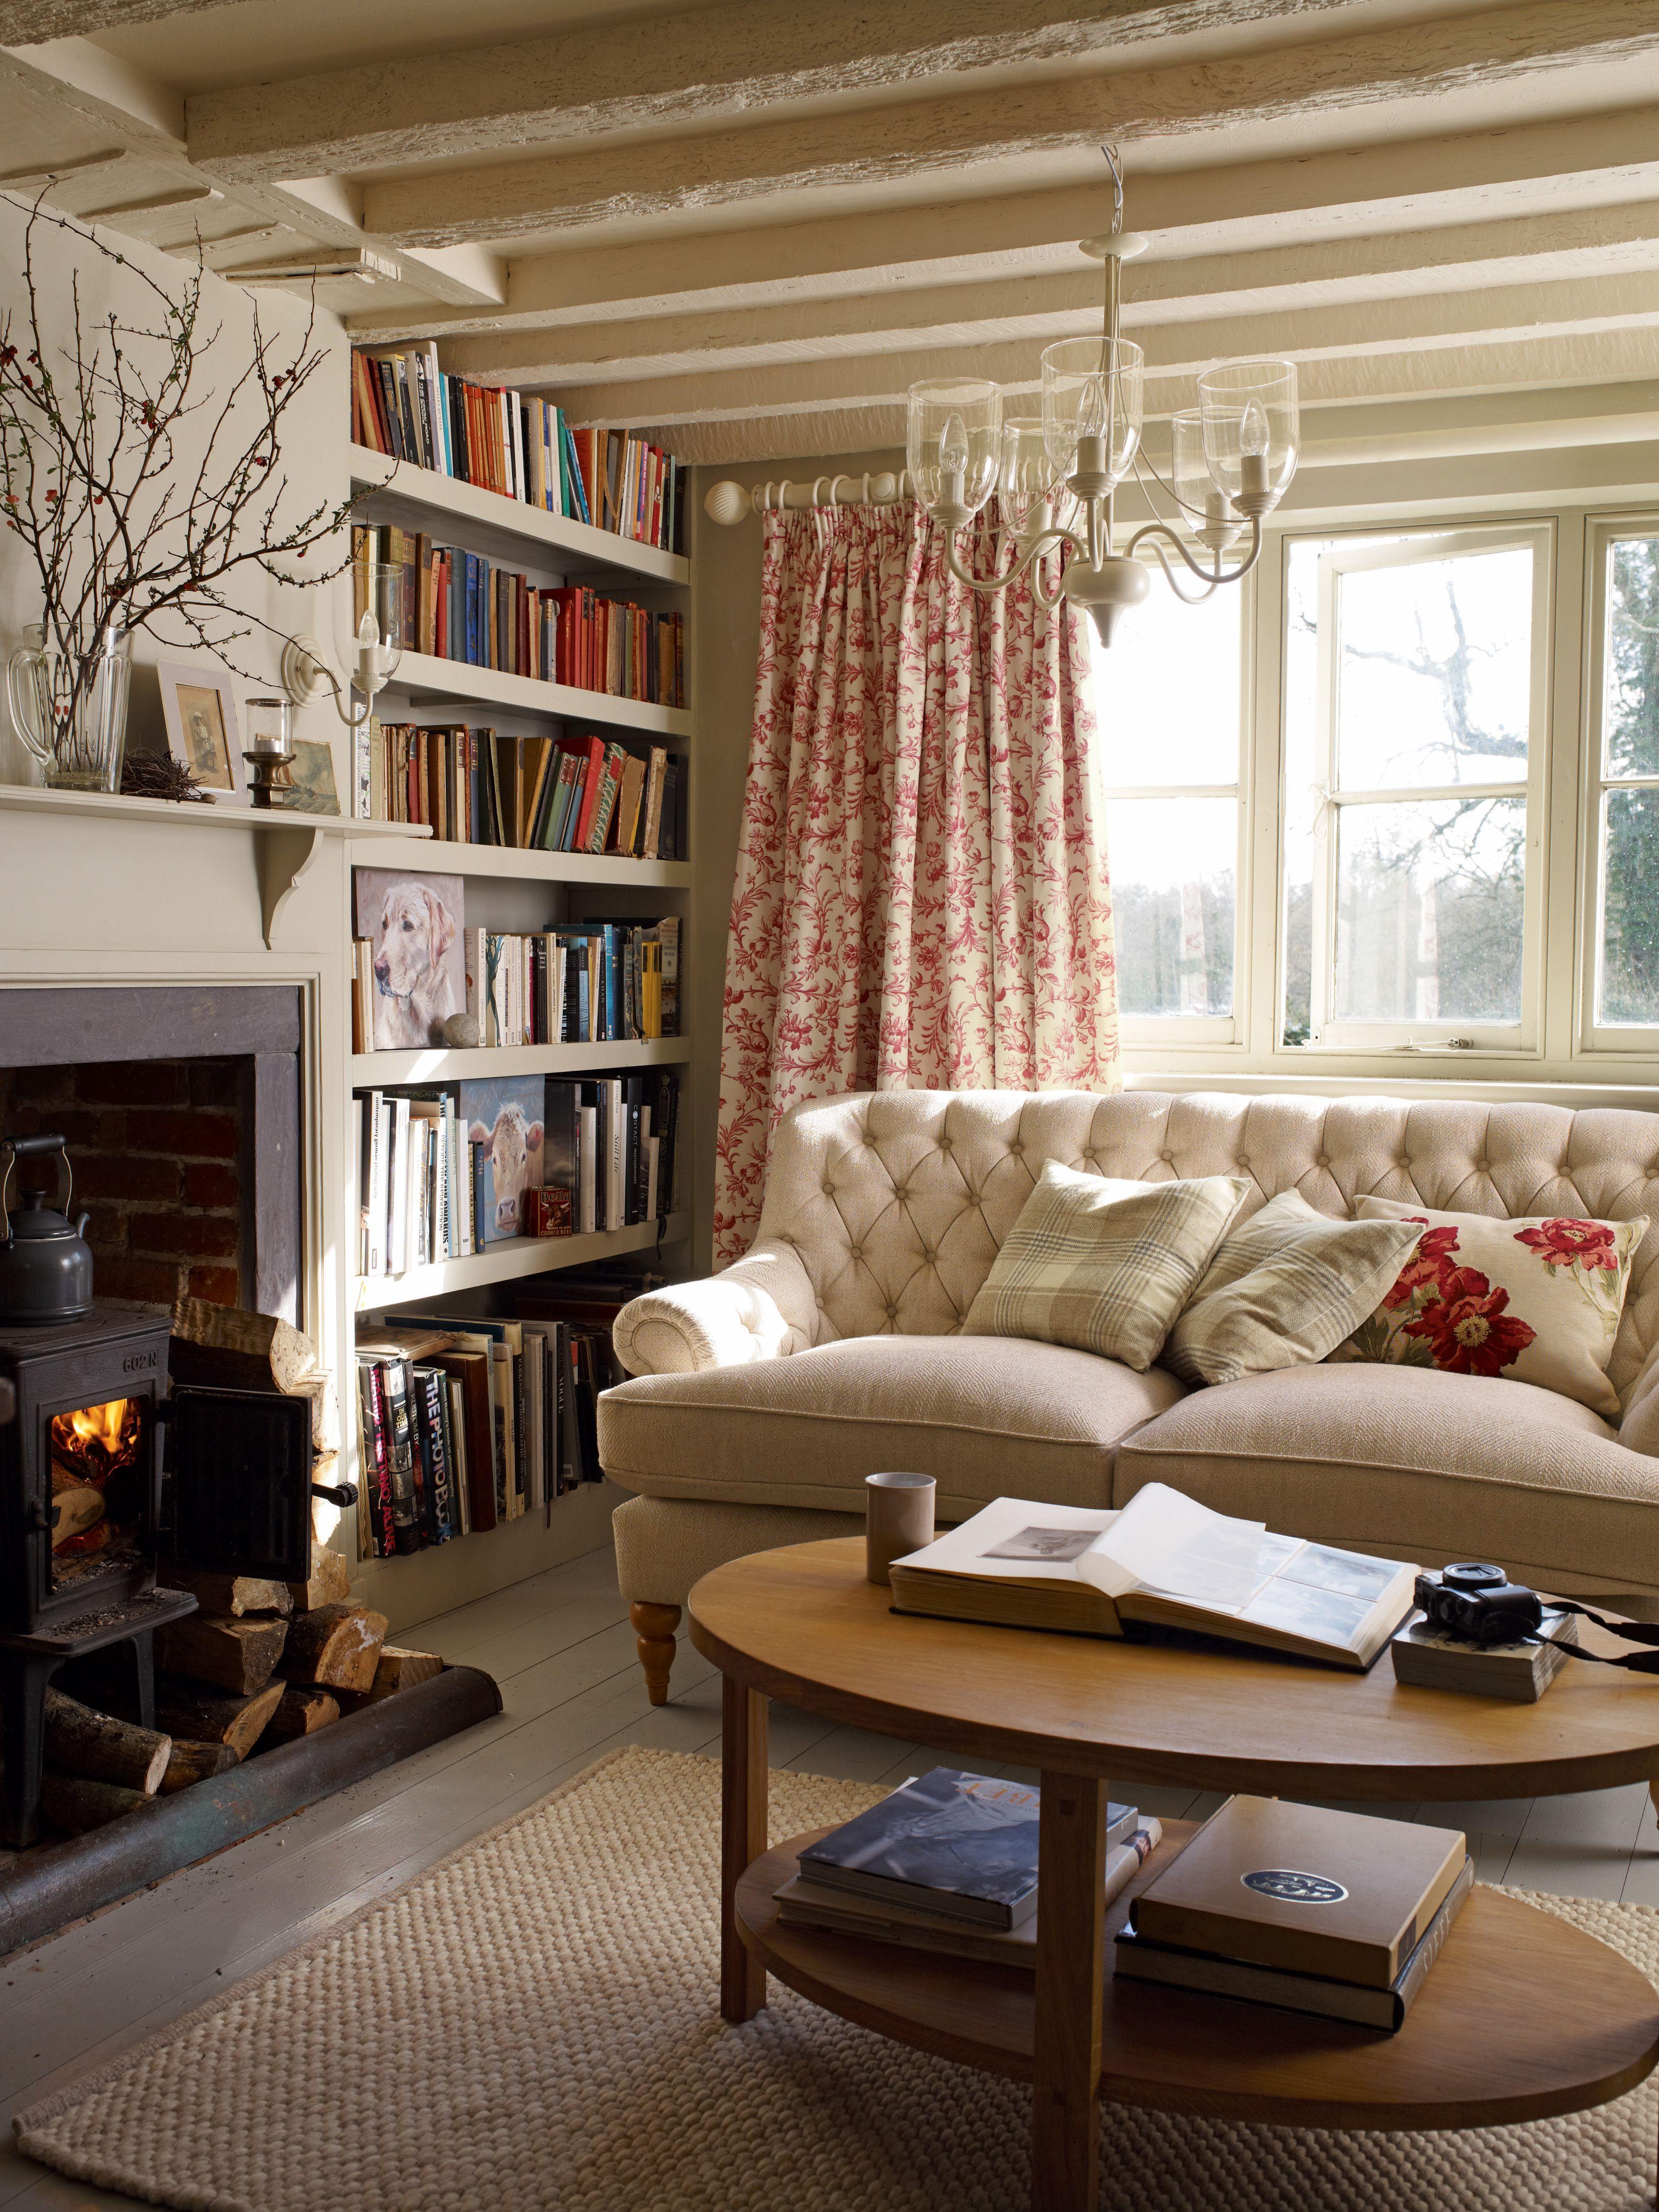 presskontakt v lkommen till laura ashley presskontakt f r att f tillg ng till bilder kontakta. Black Bedroom Furniture Sets. Home Design Ideas